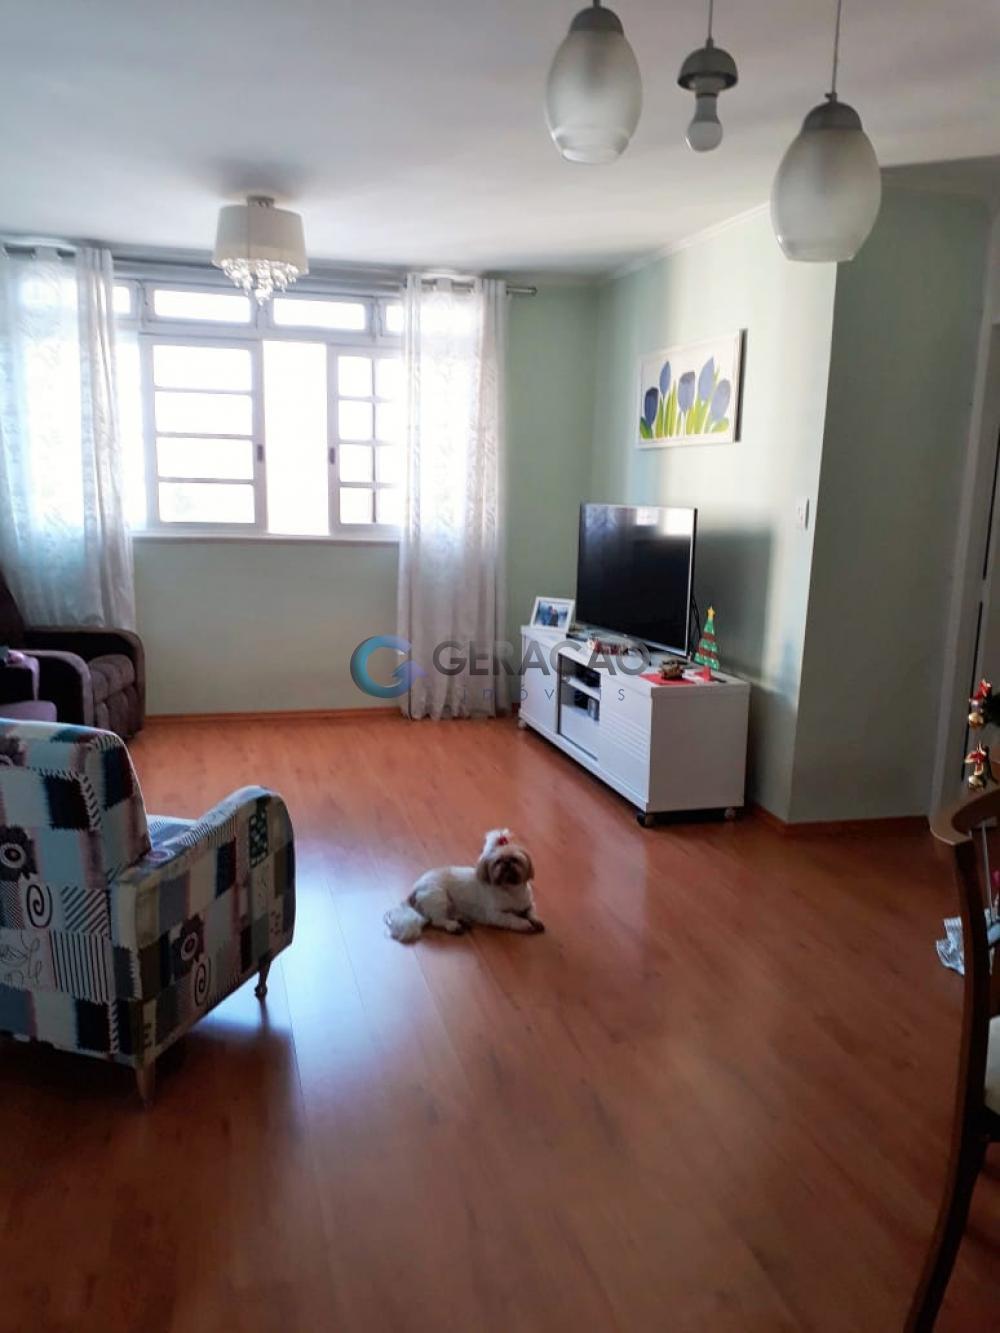 Comprar Apartamento / Padrão em São José dos Campos apenas R$ 650.000,00 - Foto 7